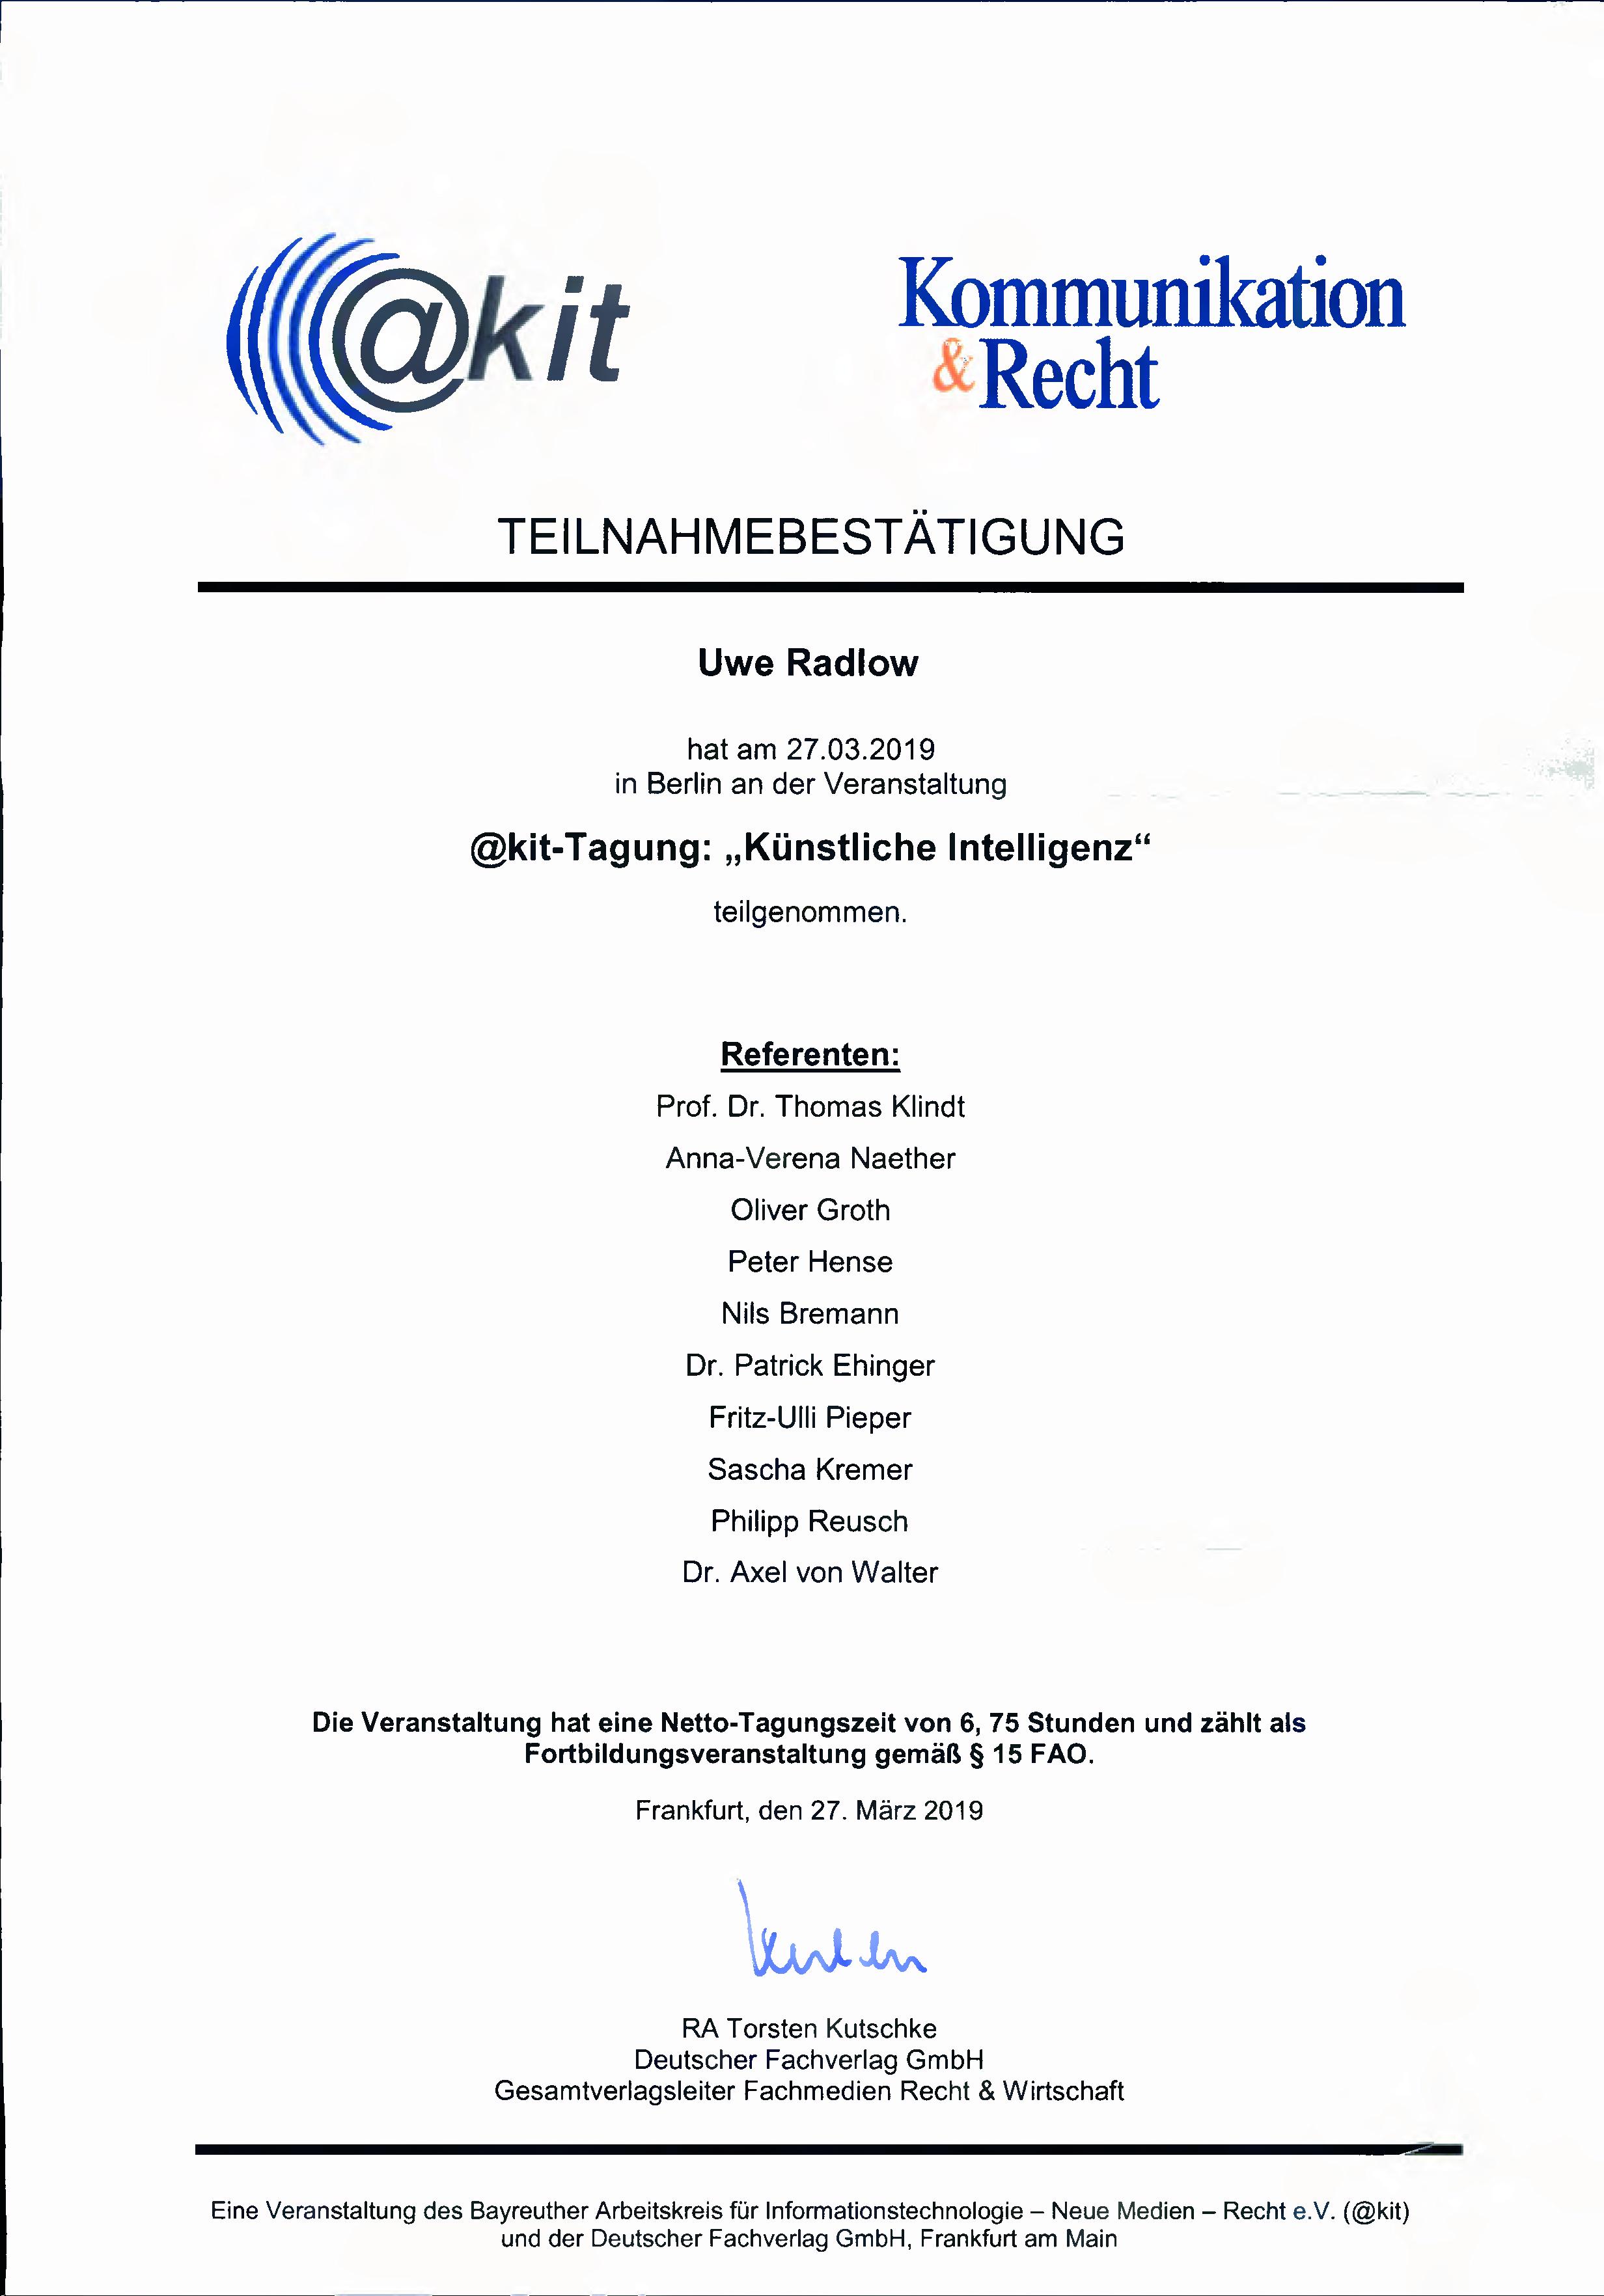 2019-03-27_Teilnahmebestätigung_akit_Tagung_Künstliche_Intelligenz